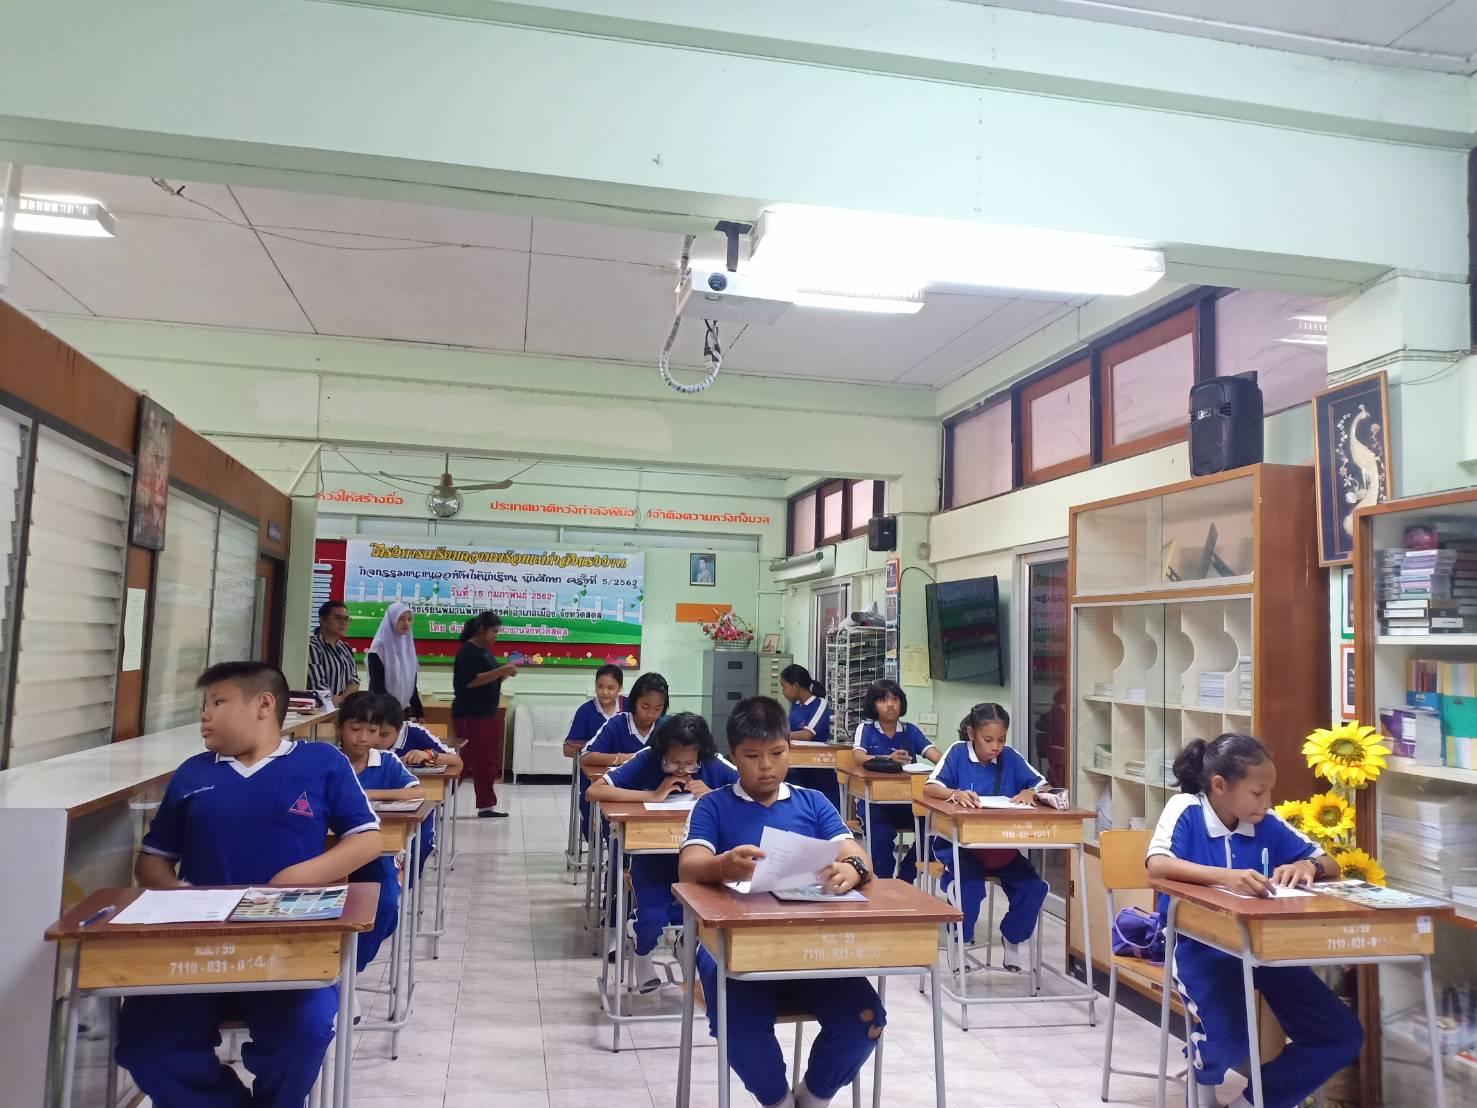 กิจกรรมแนะแนวอาชีพในสถานศึกษา ครั้งที่ 5/2562